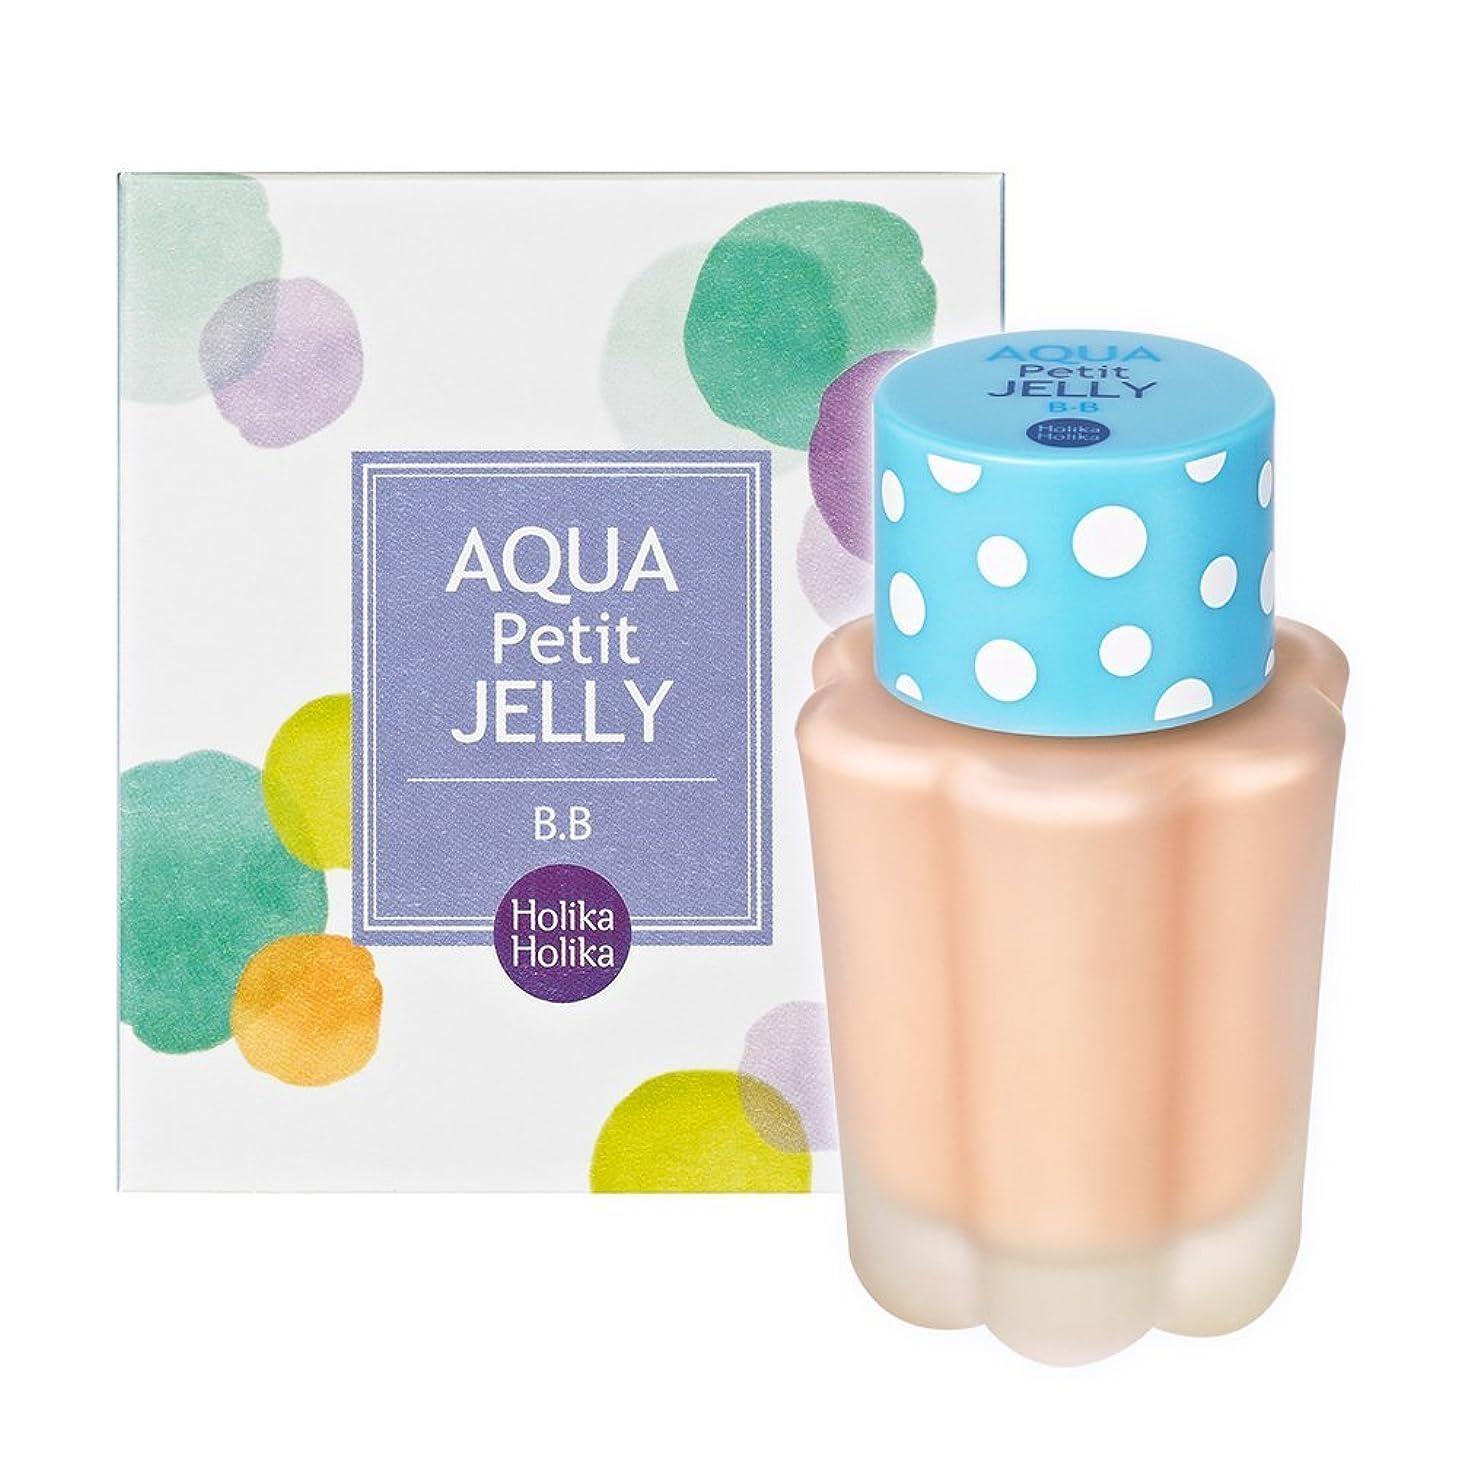 安定しました民間人思慮のないHolika Holika ホリカホリカ アクア?プチ?ゼリー?ビービー?クリーム 40ml #2 (Aqua Petit jelly BB Cream) 海外直送品